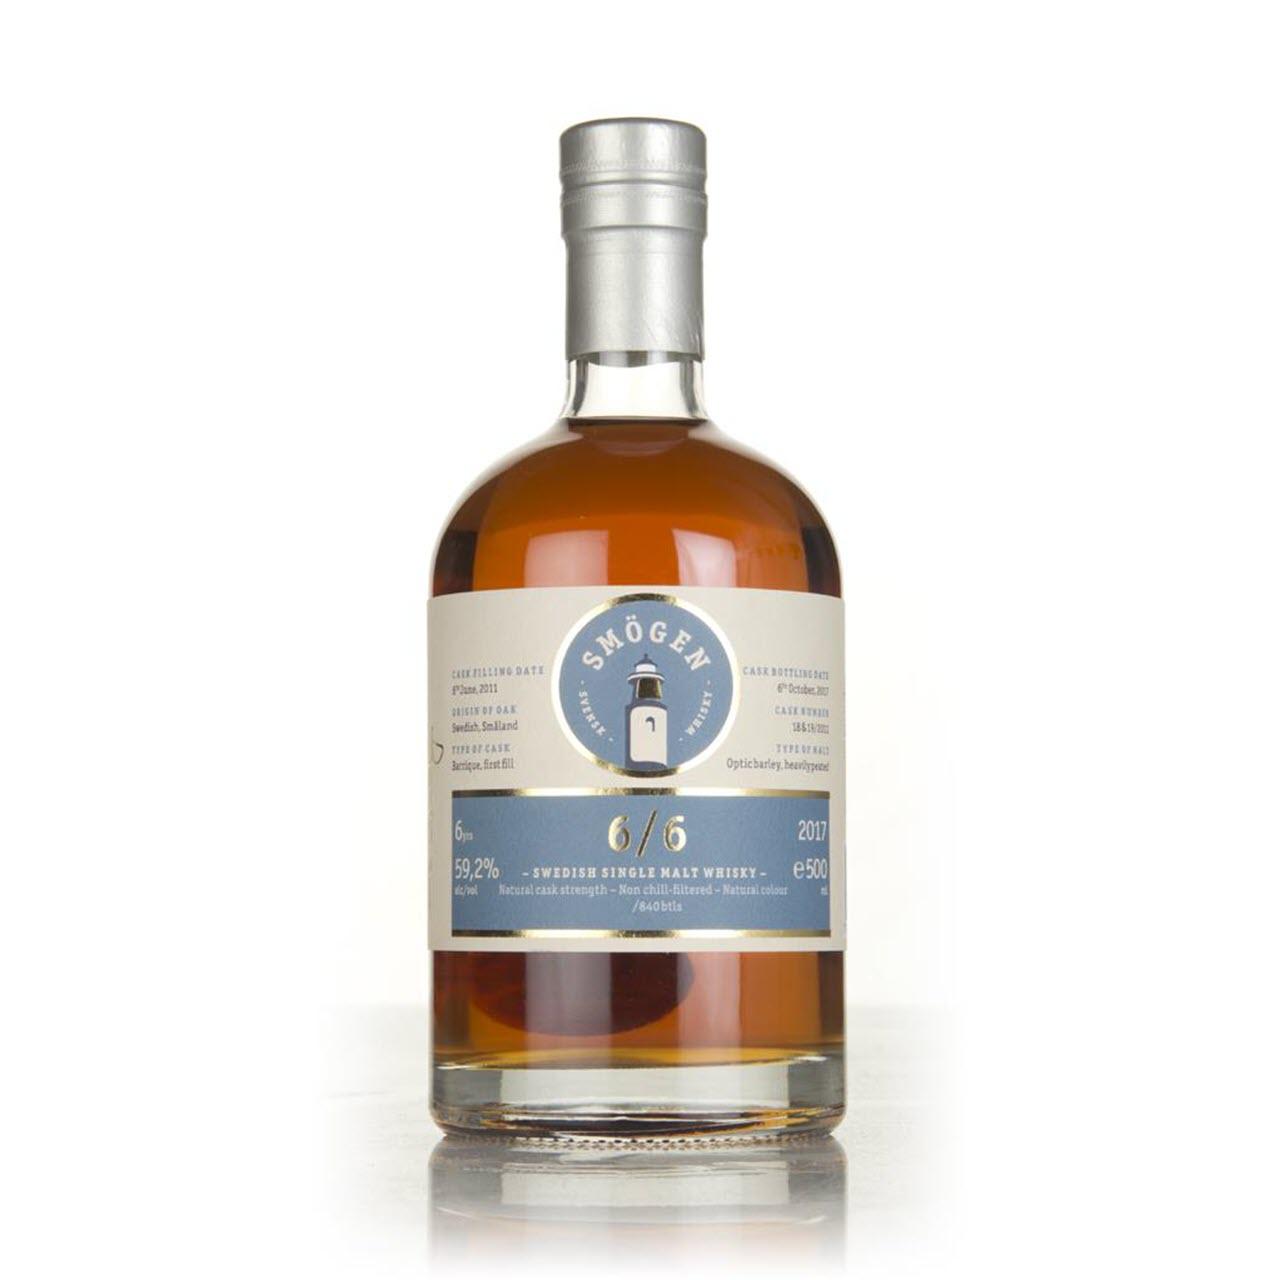 """Nordic Whisky #185 - Smögen """"6/6"""""""